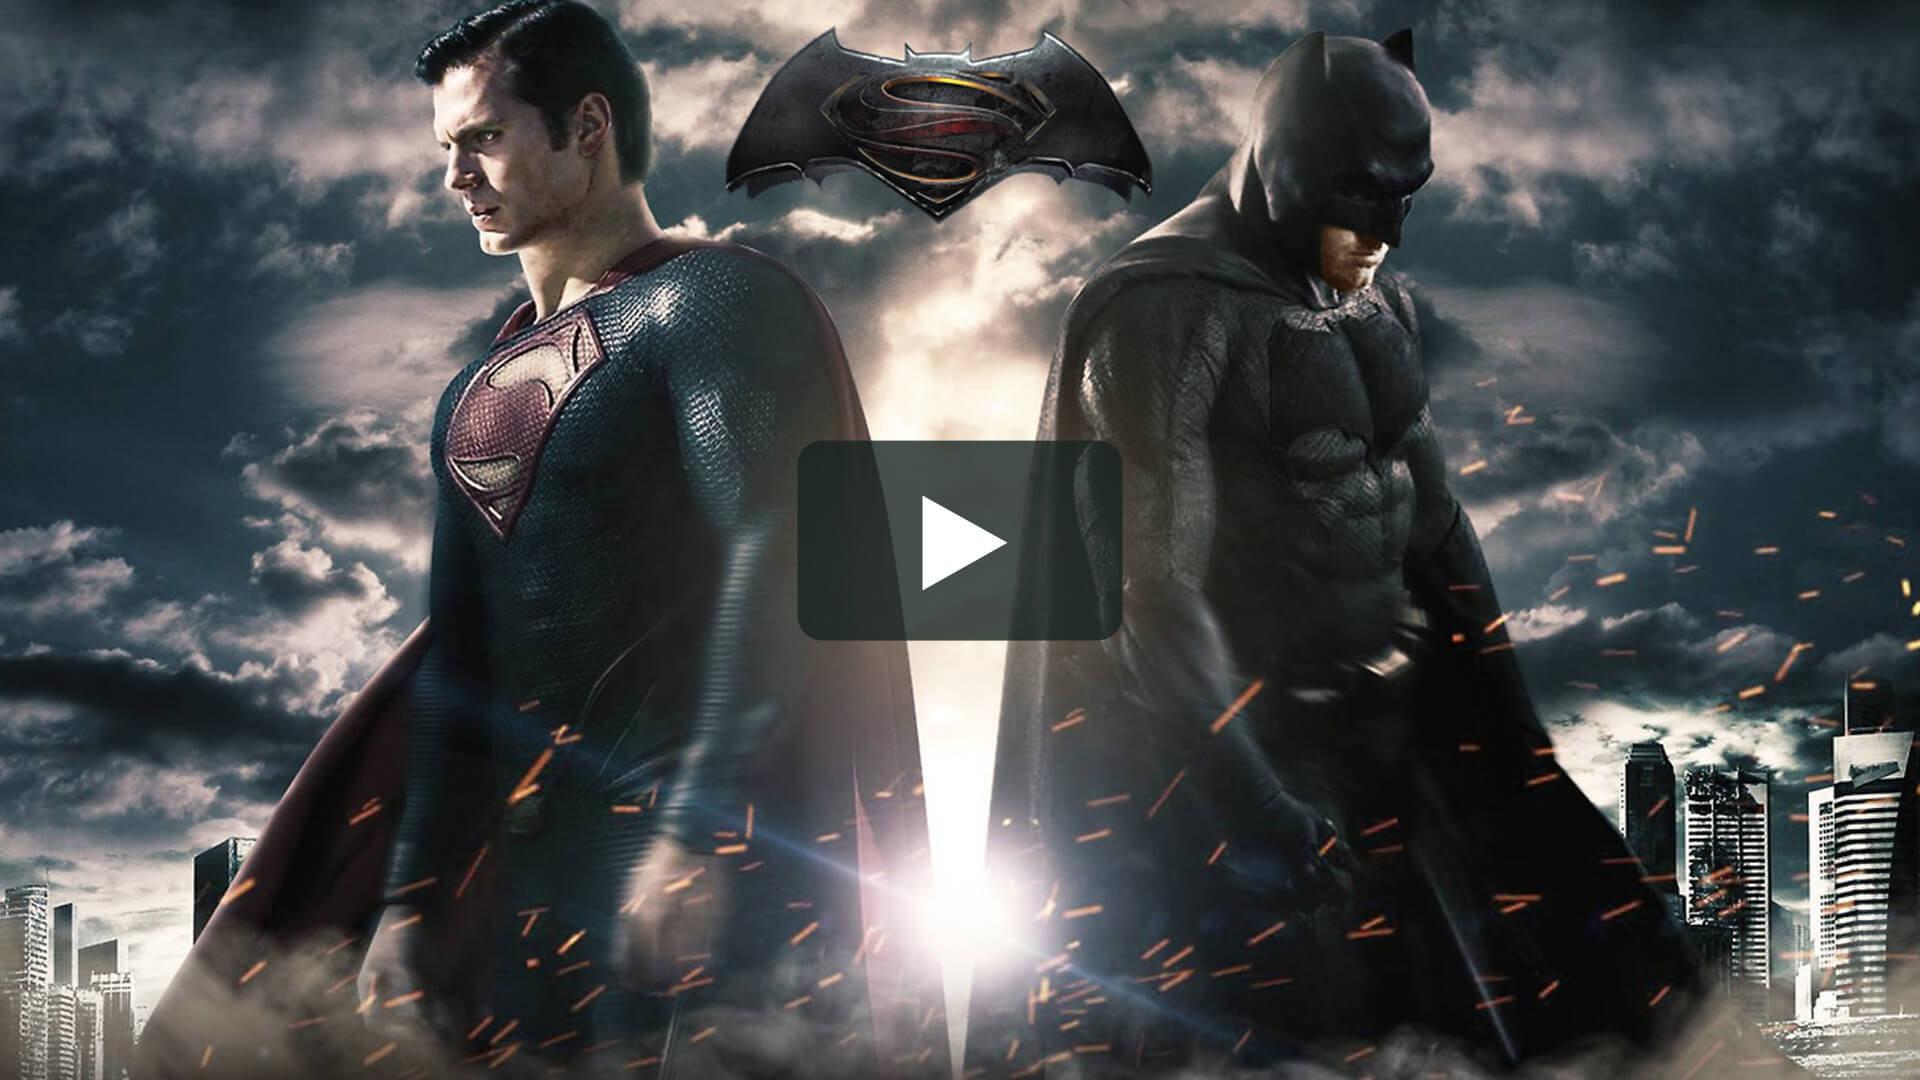 Batman v Superman: Dawn of Justice - 蝙蝠俠大戰超人:正義黎明